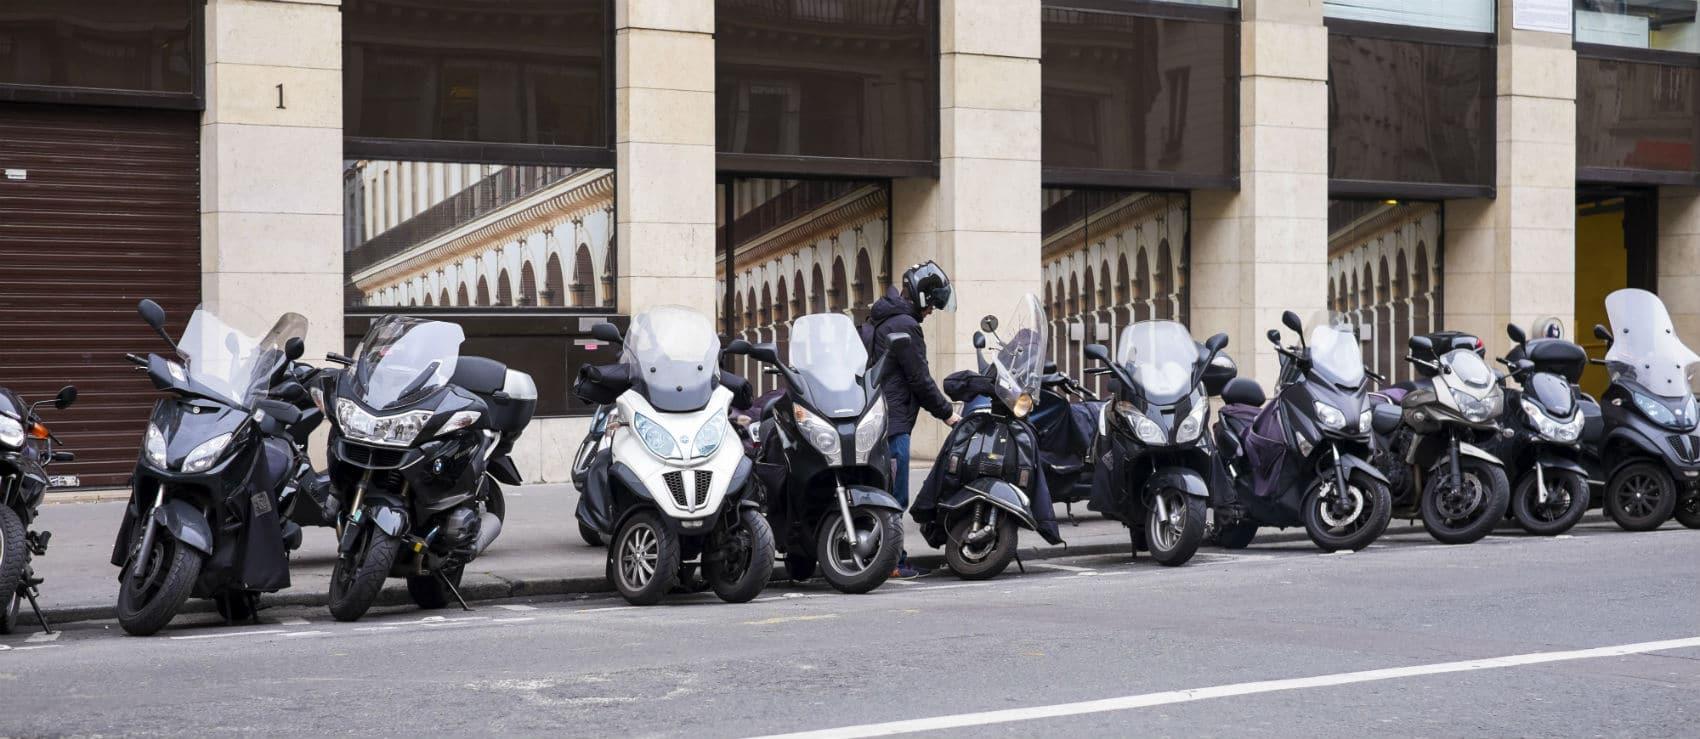 Parking deux roues : scooter et moto, où se garer ?